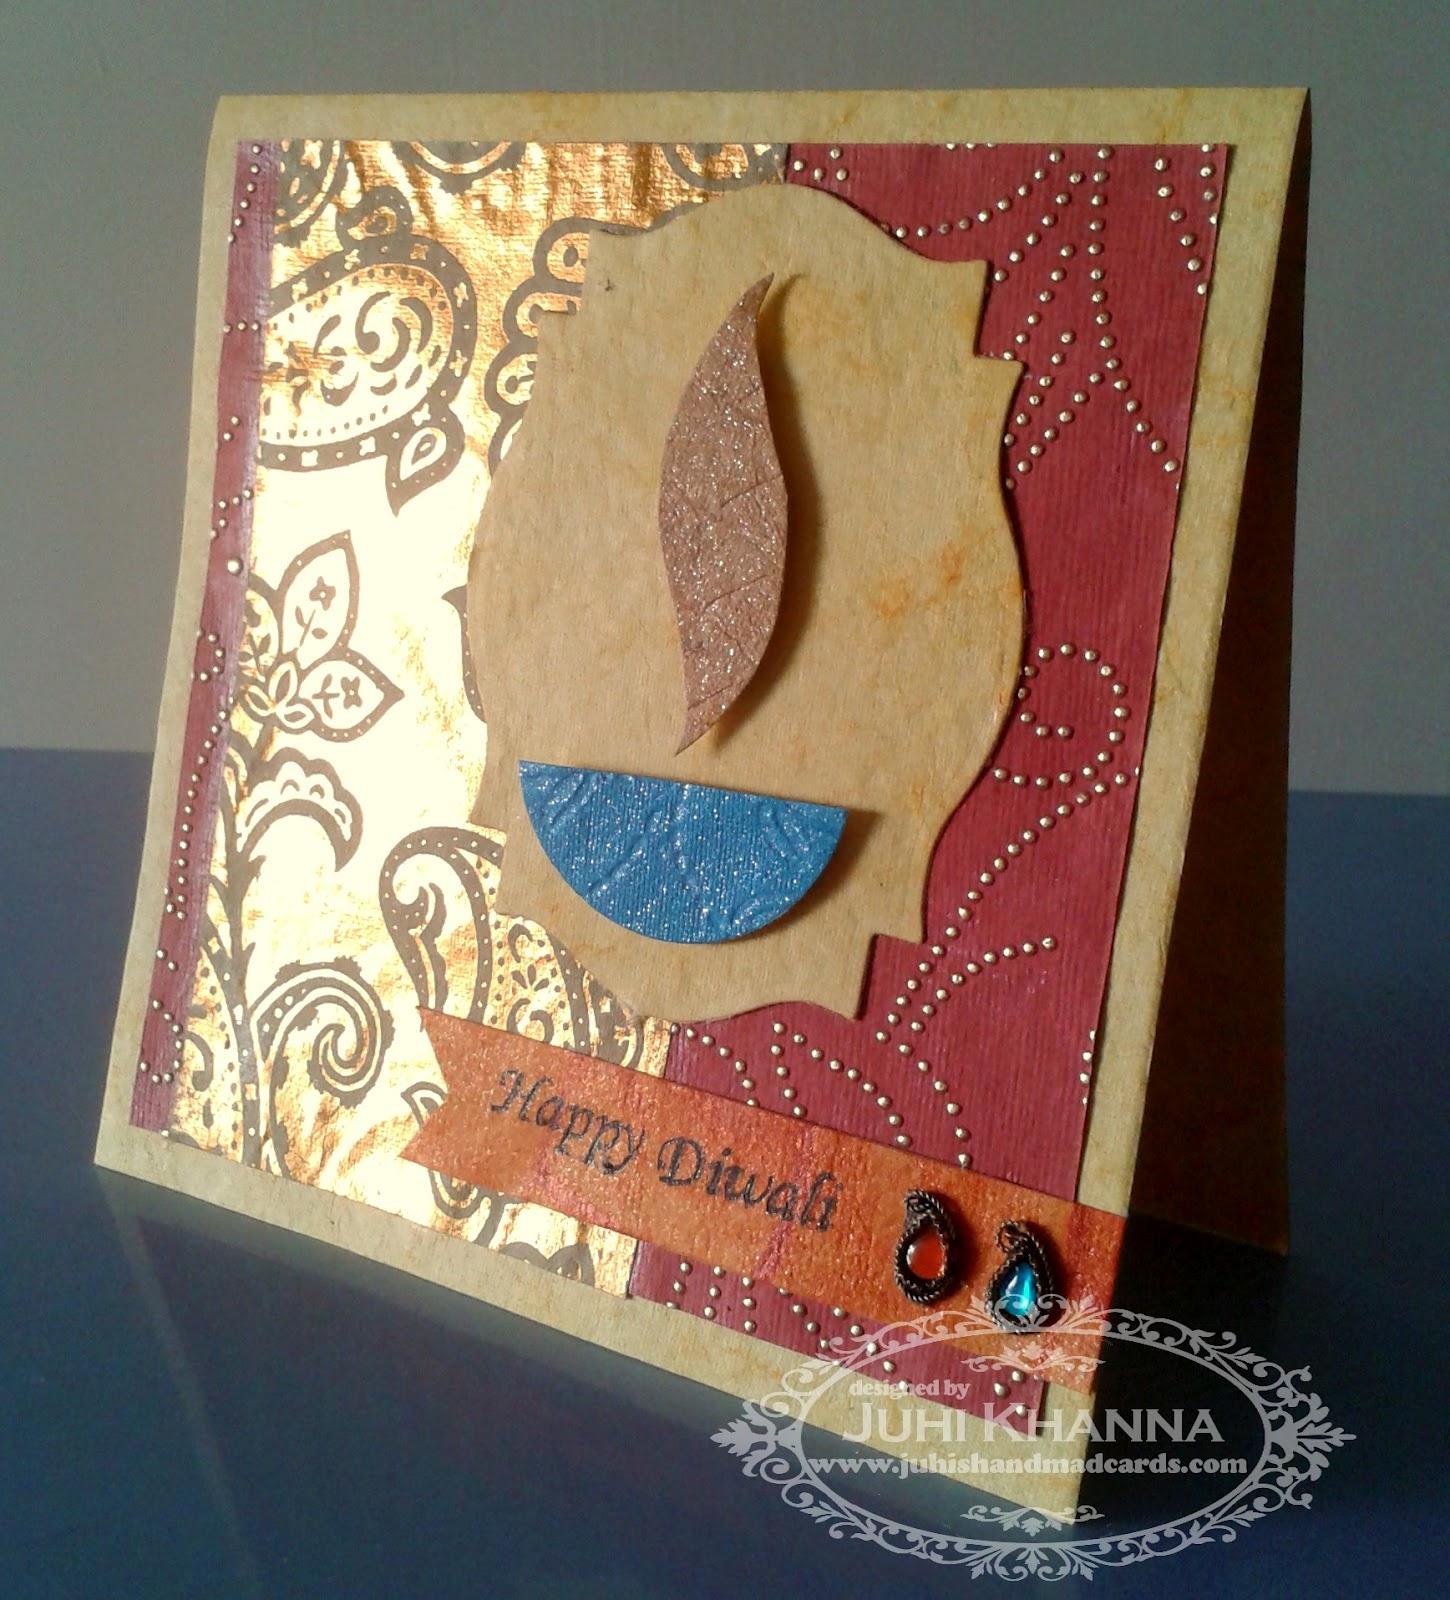 Juhi39;s Handmade Cards: Handmade Cards for Diwali